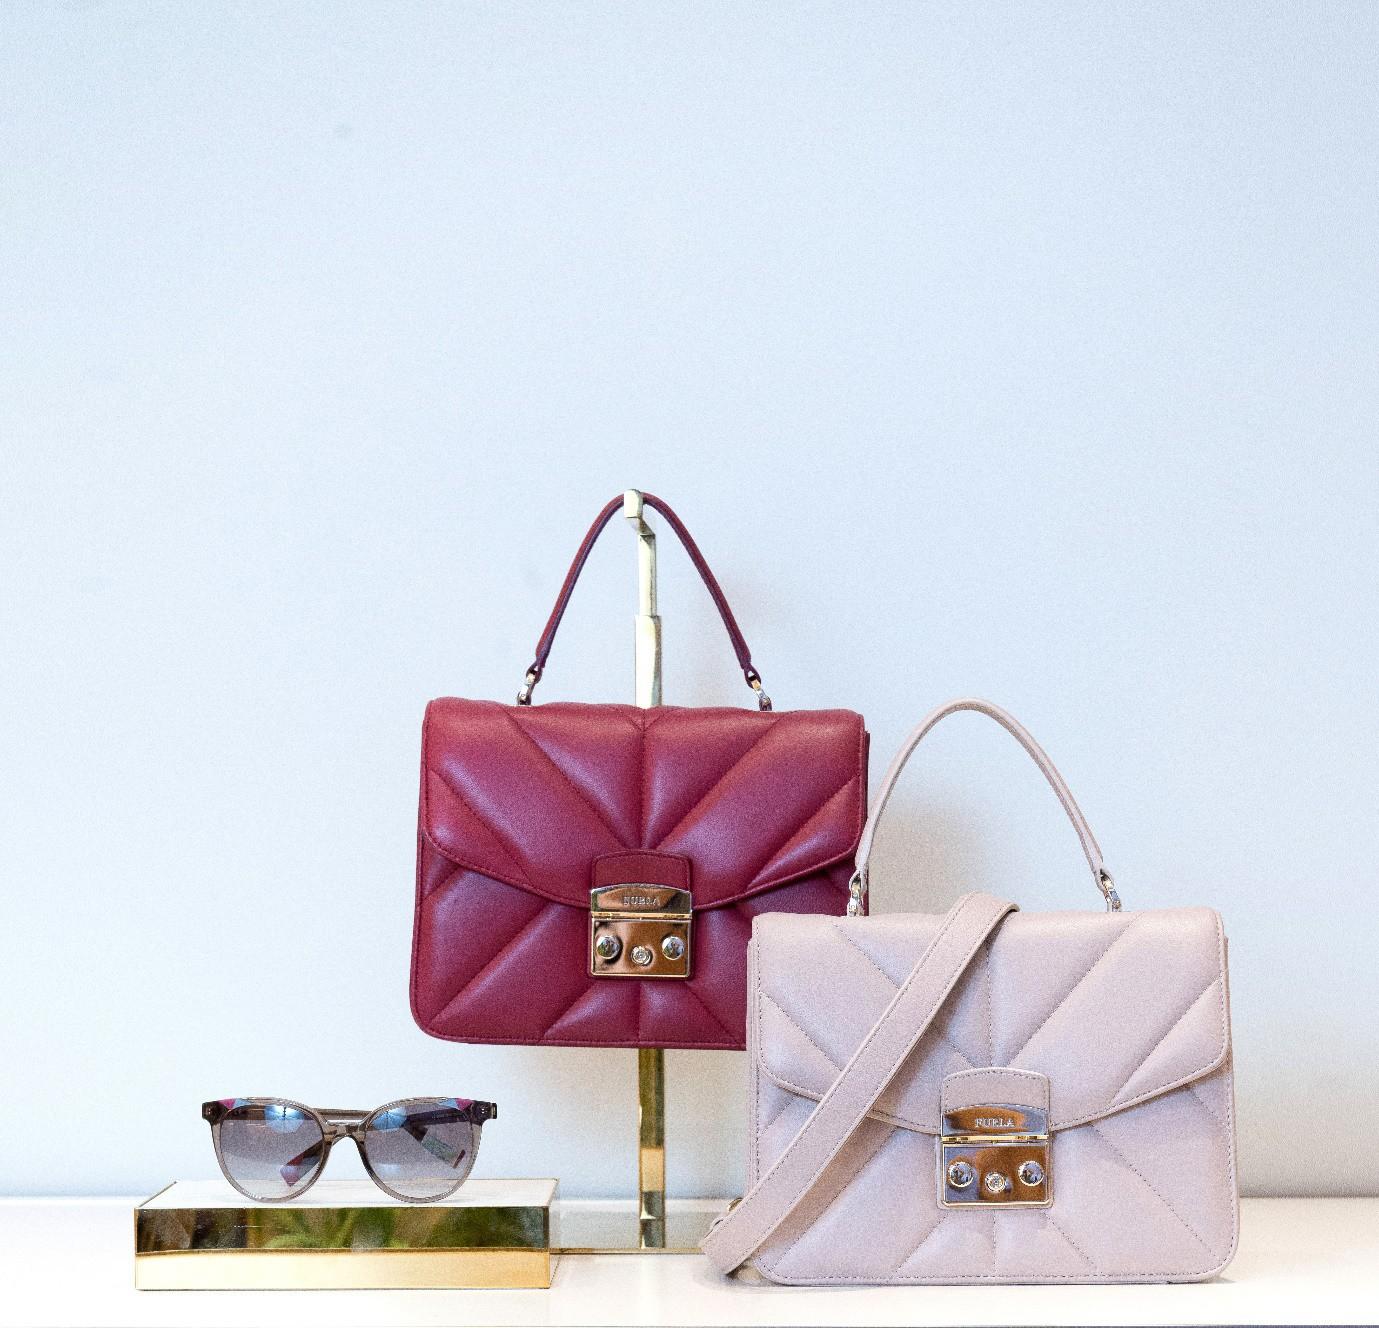 Săn sale cực đã, giảm giá lên đến 50% từ thương hiệu túi xách Furla - Ảnh 7.